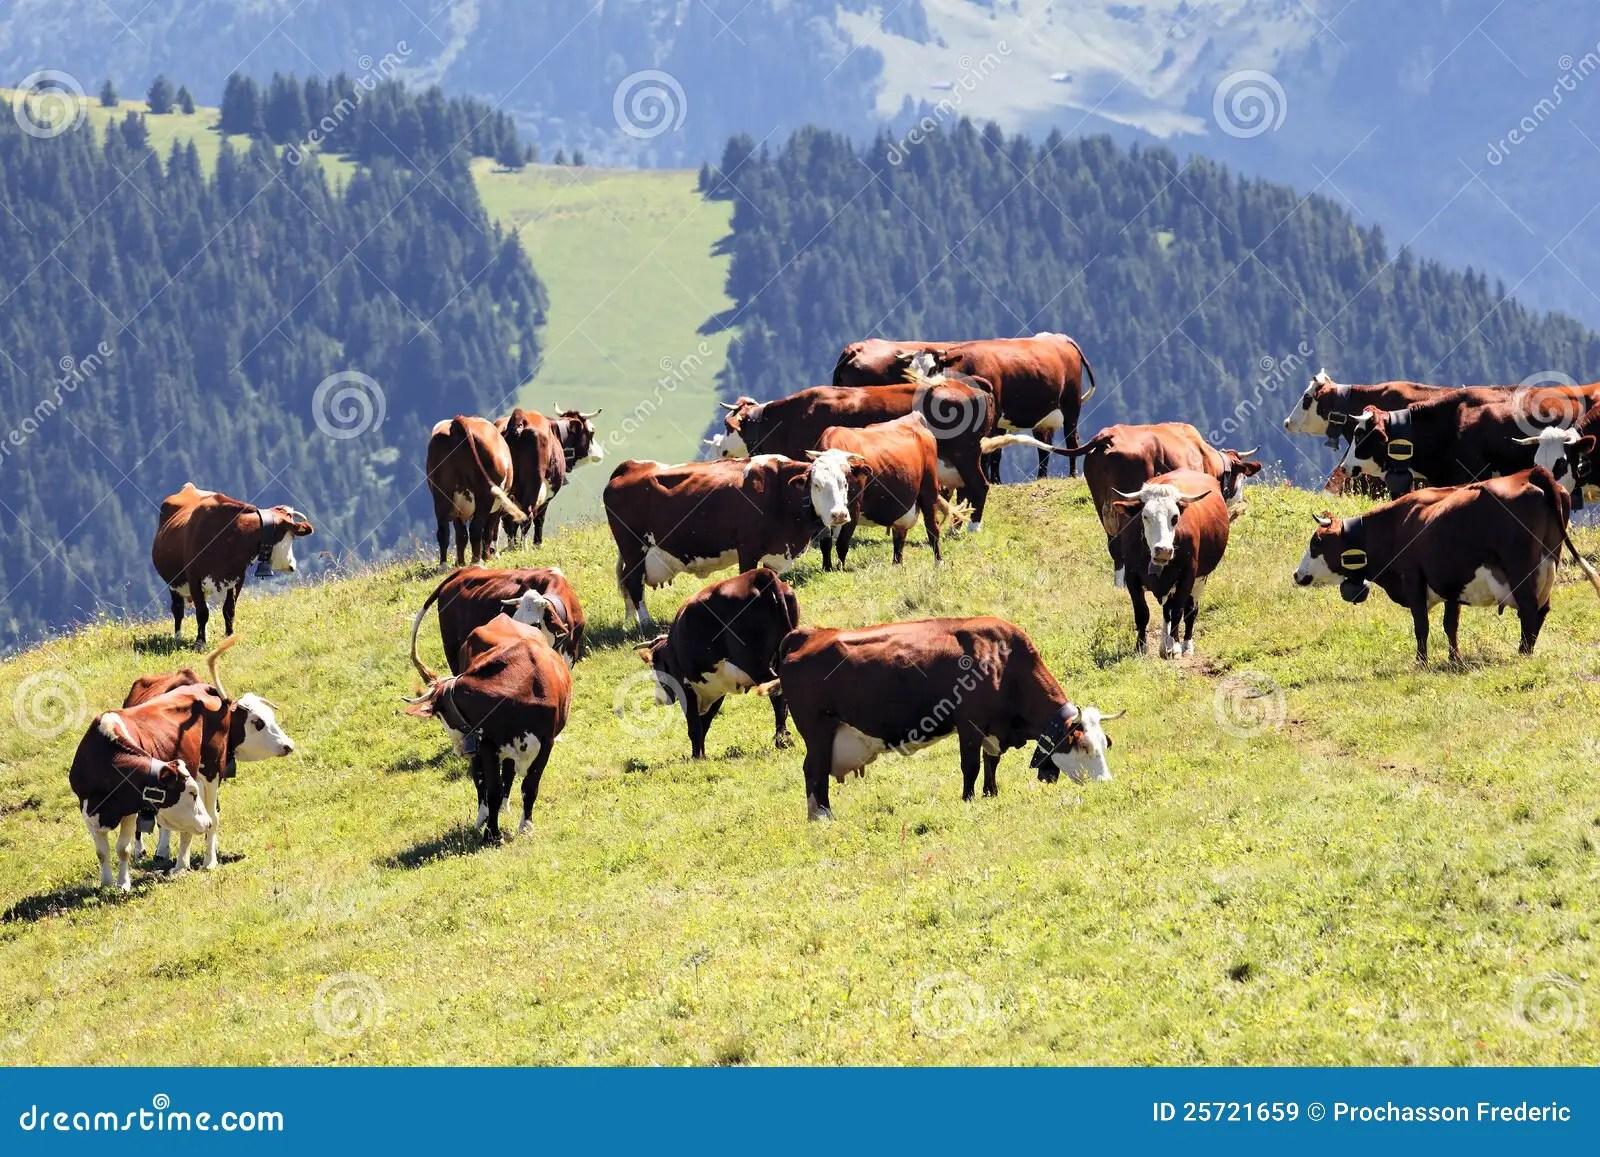 Paesaggio Alpino Con Le Mucche Immagine Stock  Immagine 25721659